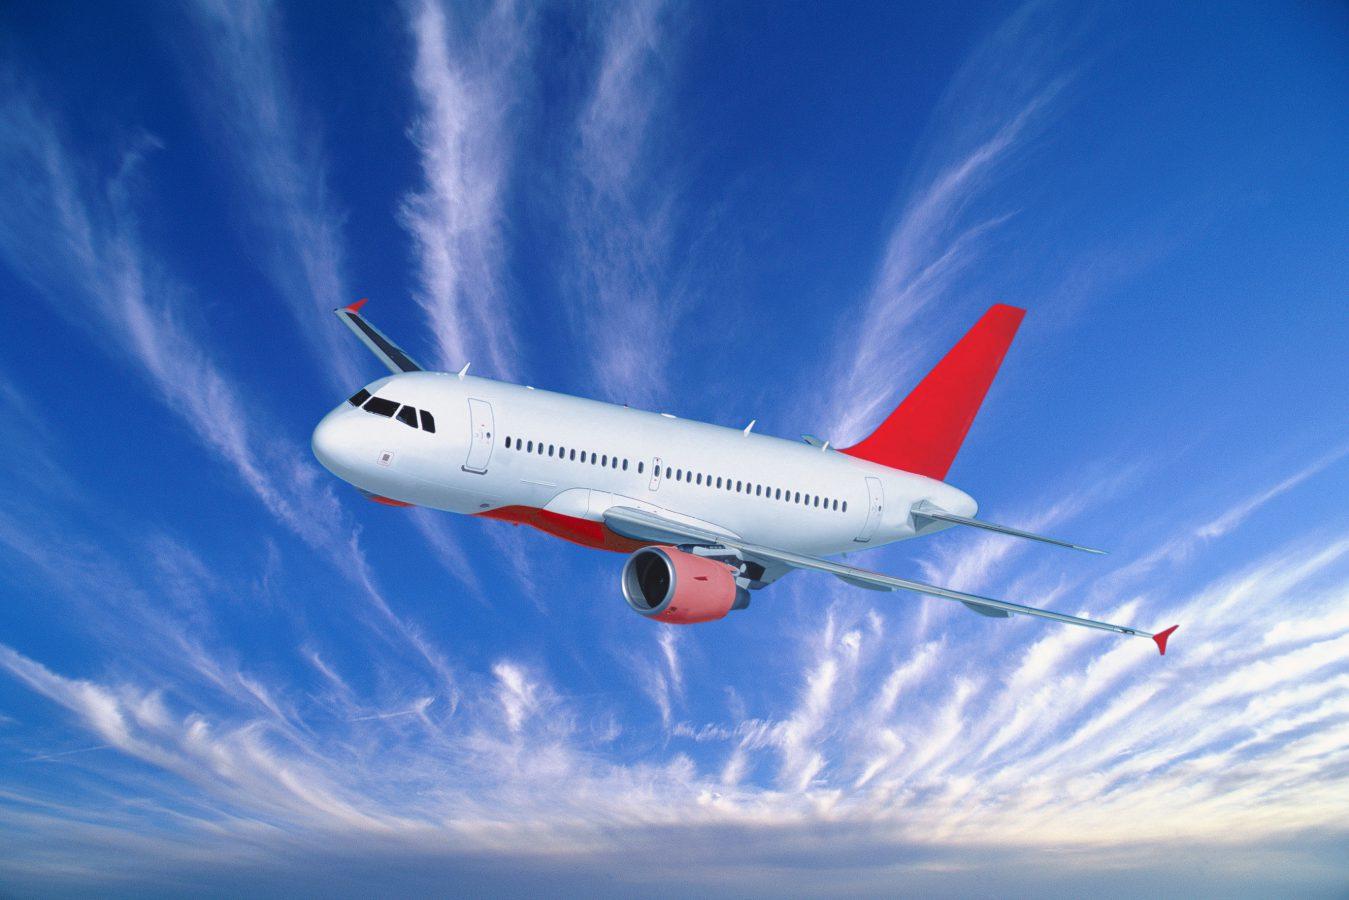 Programme de fidélisation pour les compagnies aériennes: une affaire gagnante pour tous ?